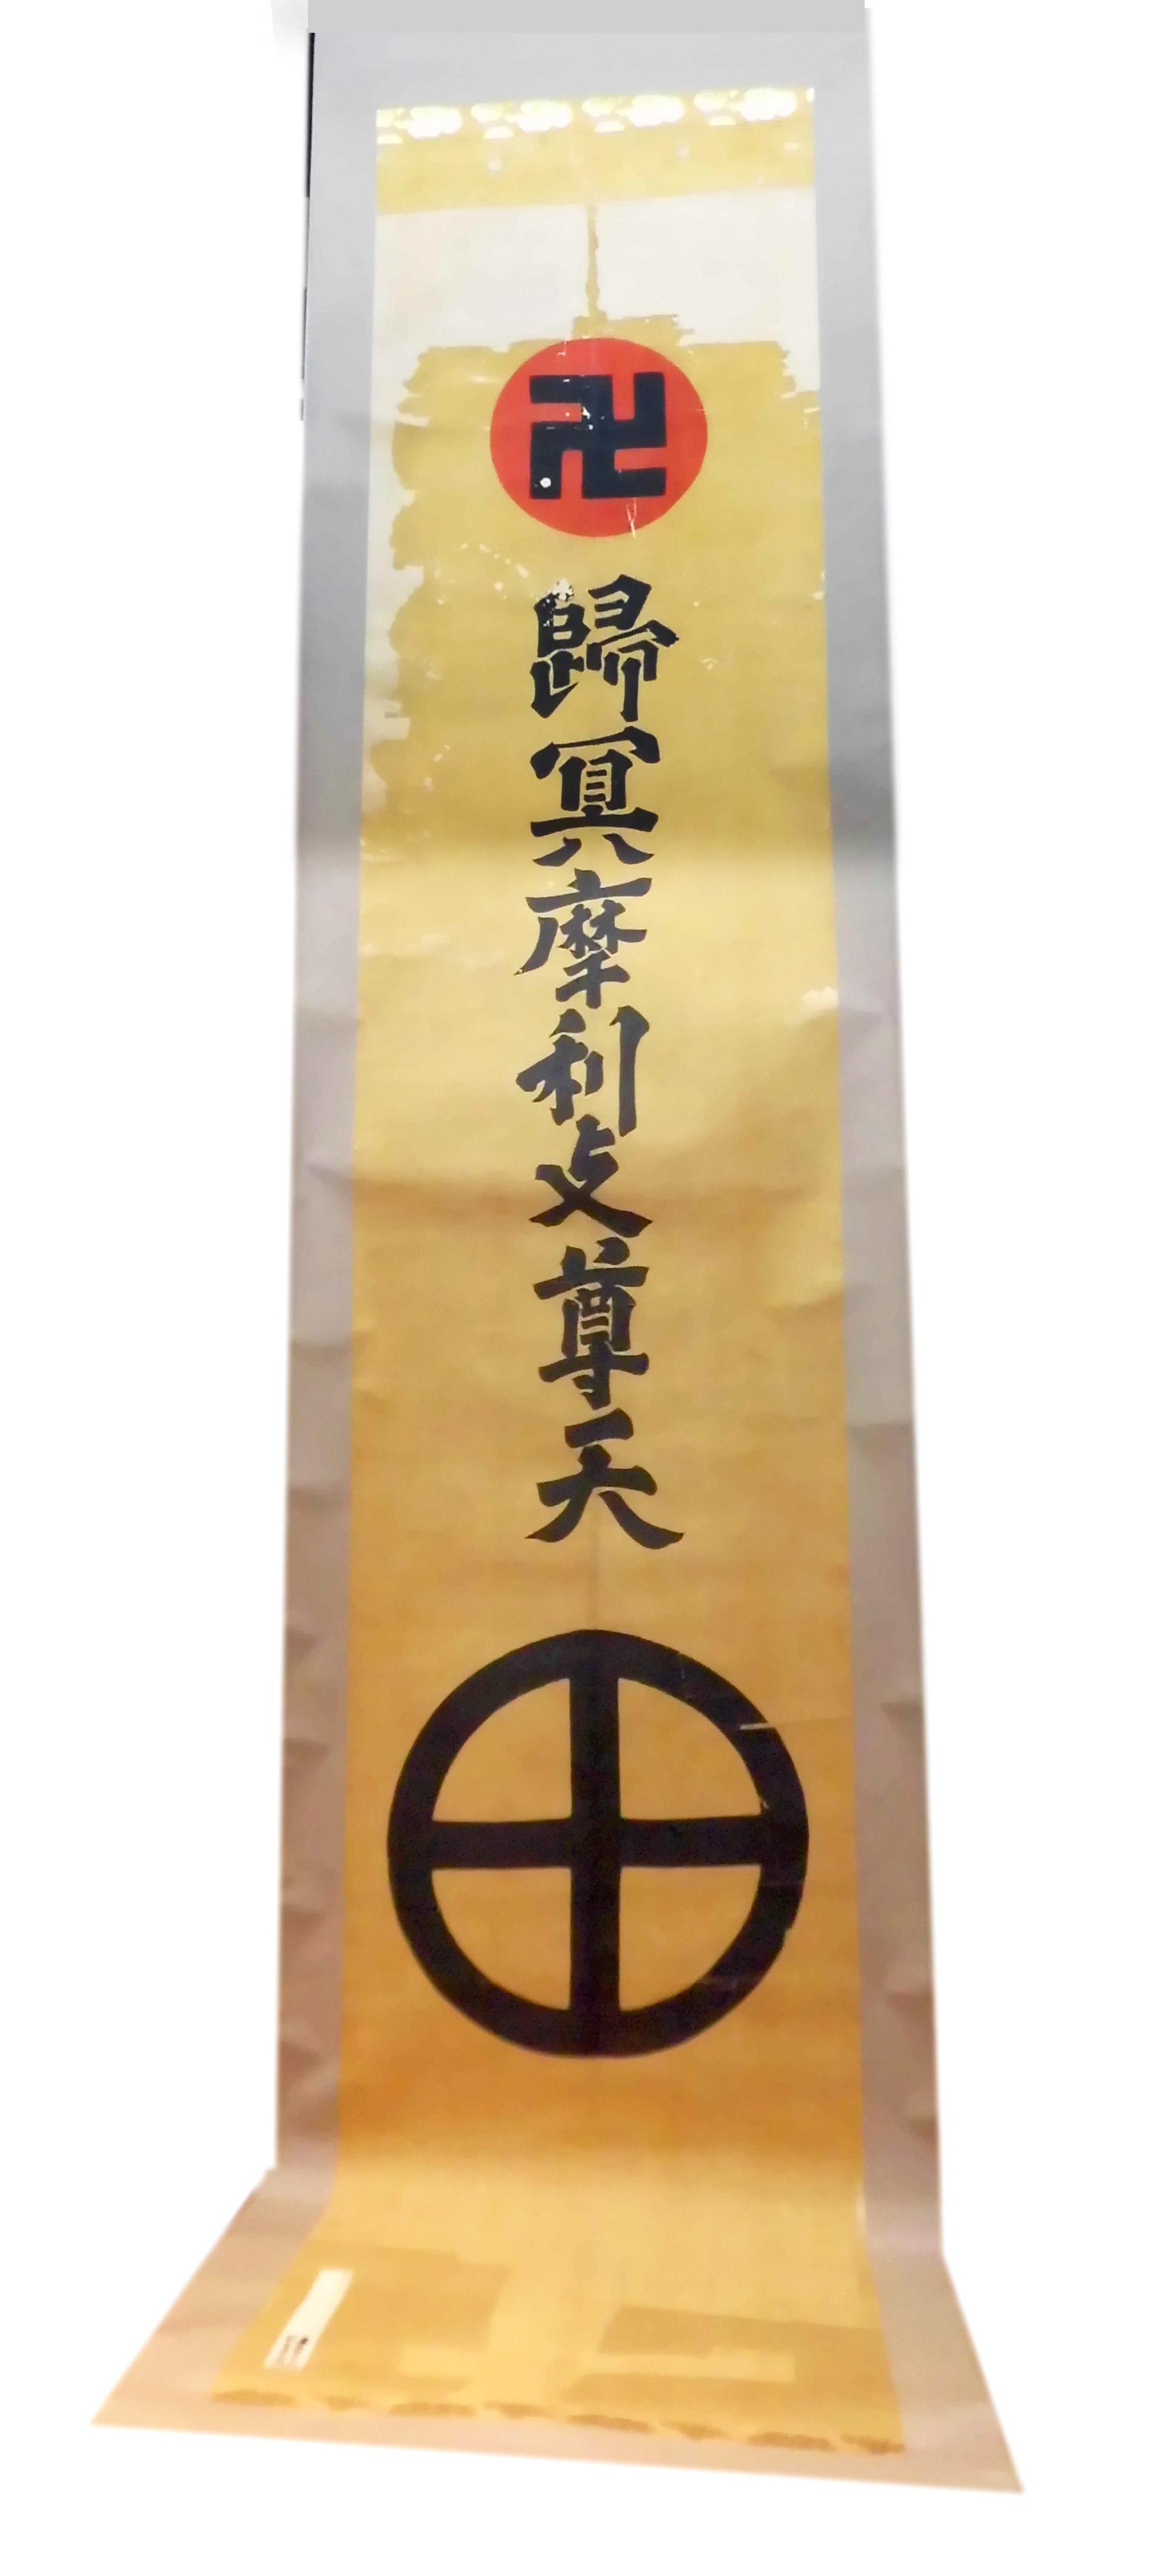 関ケ原戦島津義弘退き口の伏旗